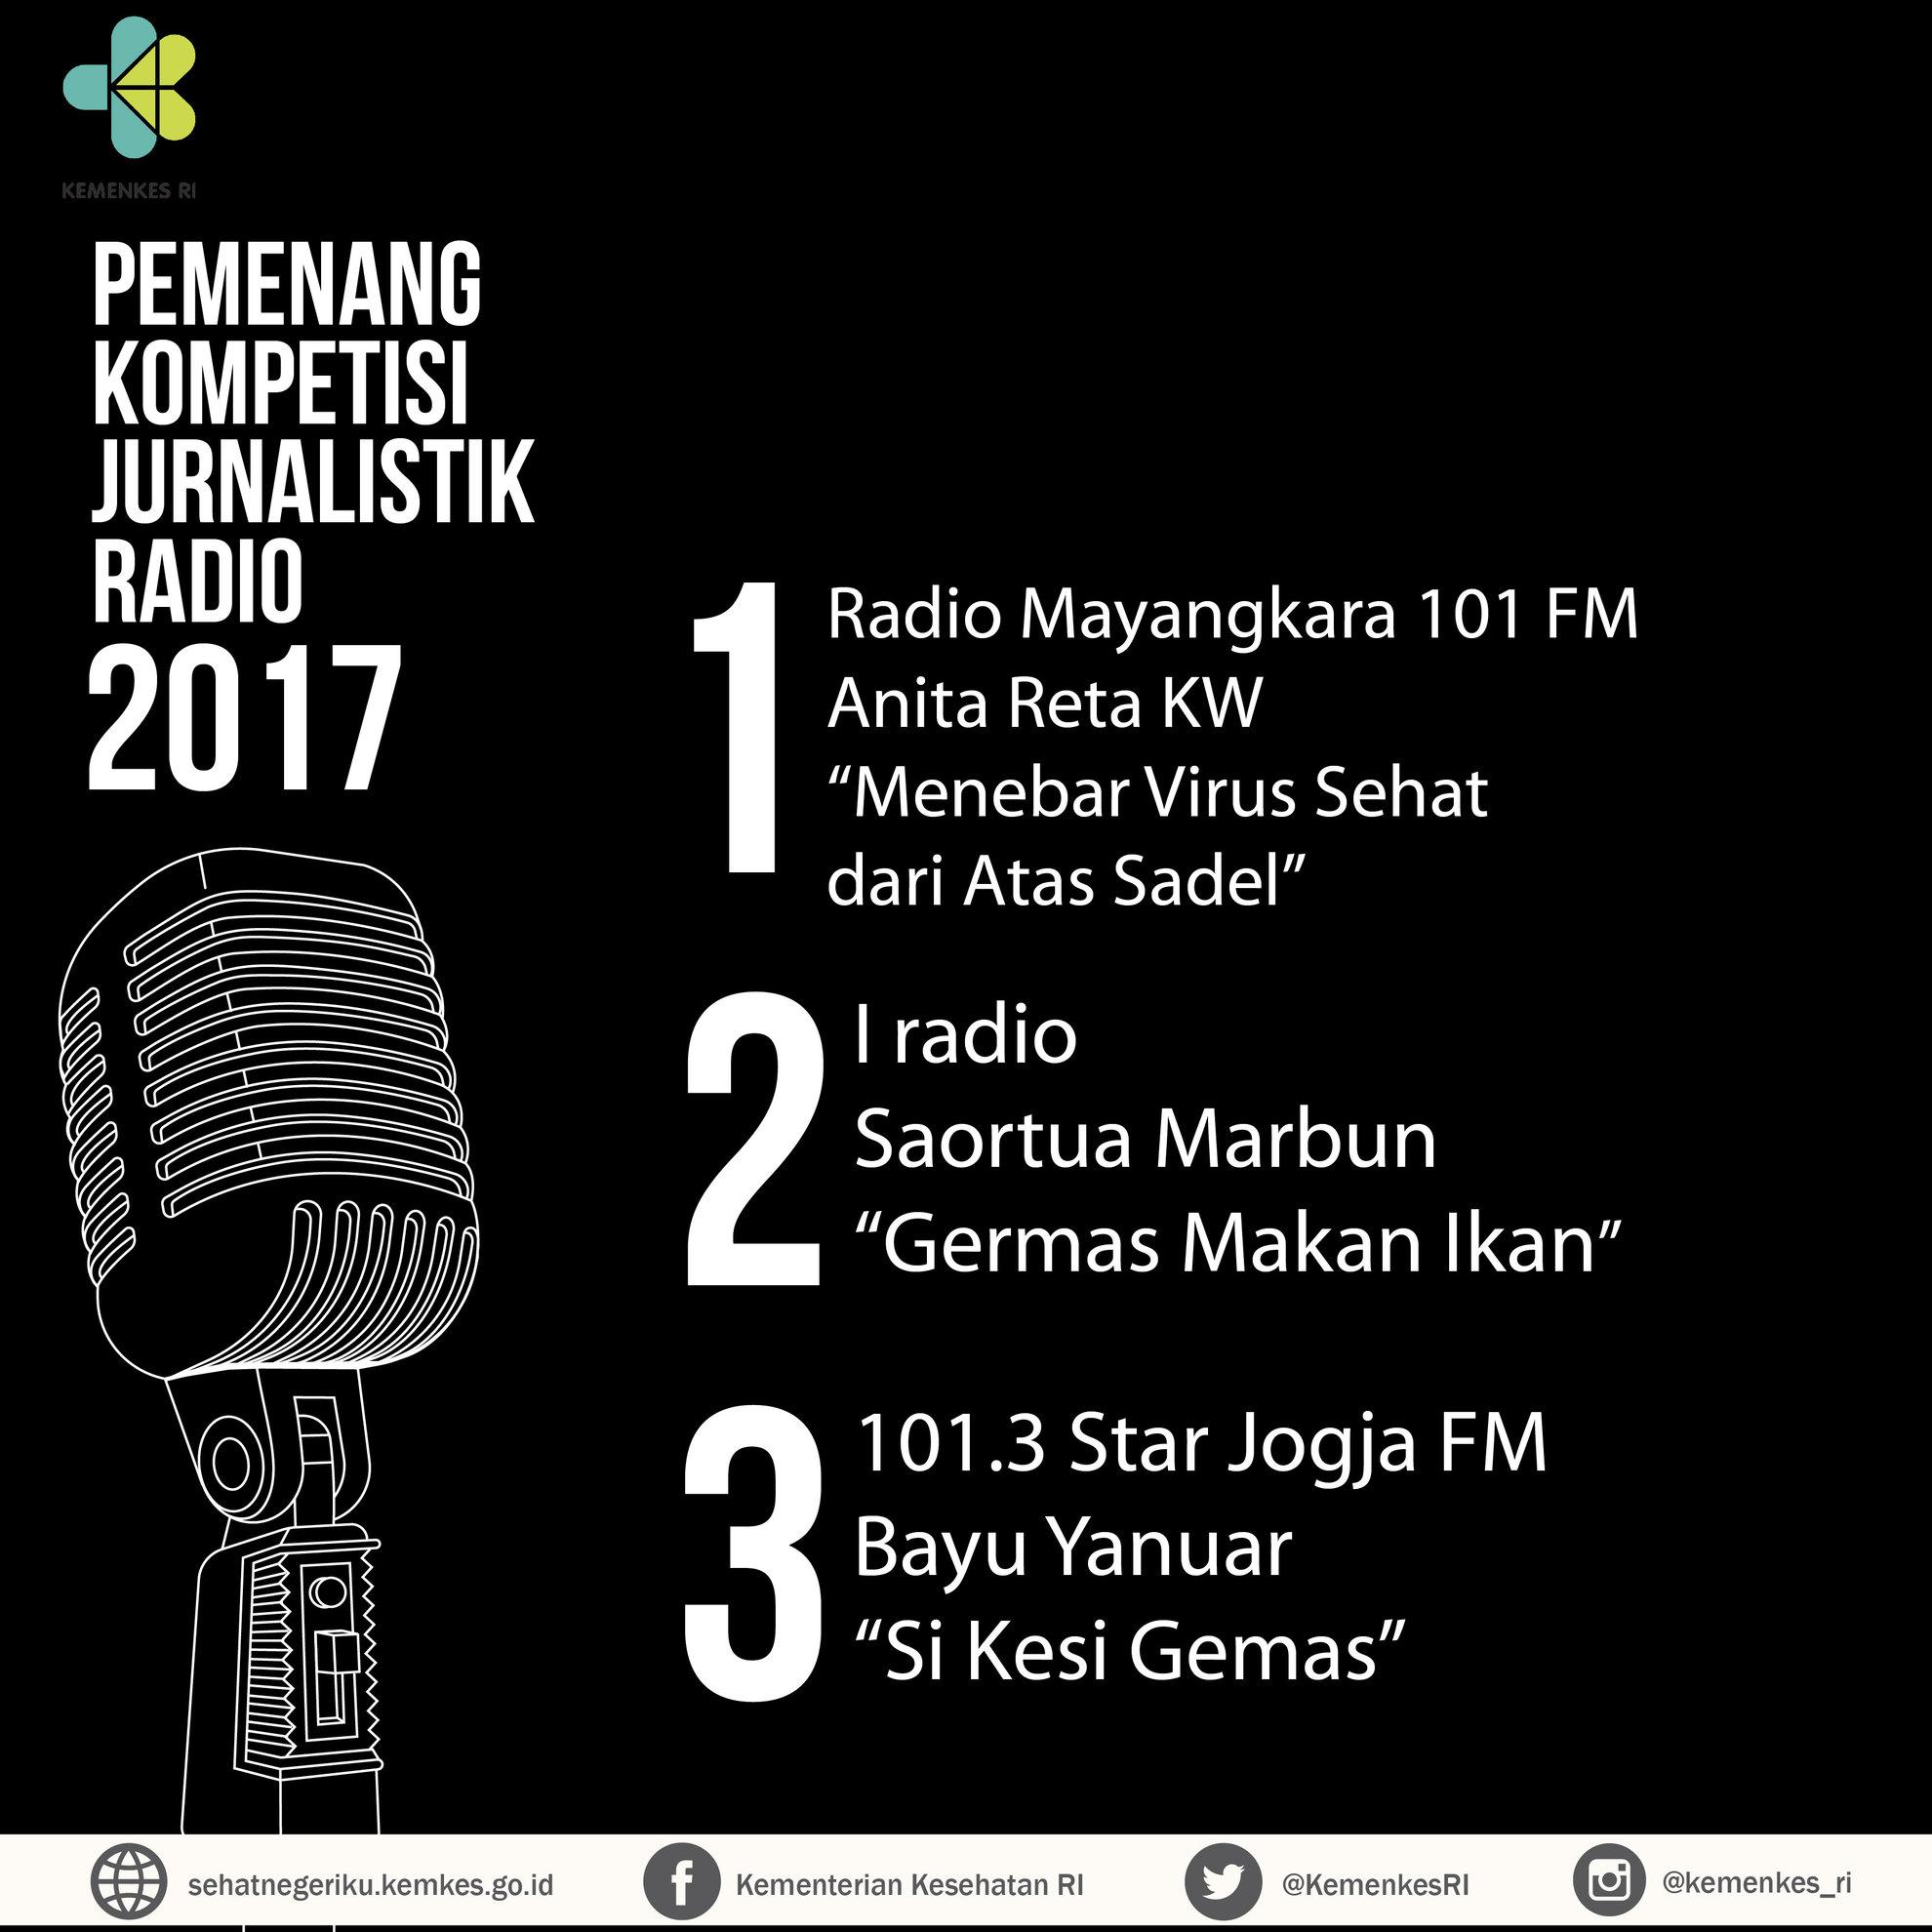 komjur-radio-pemenang-01